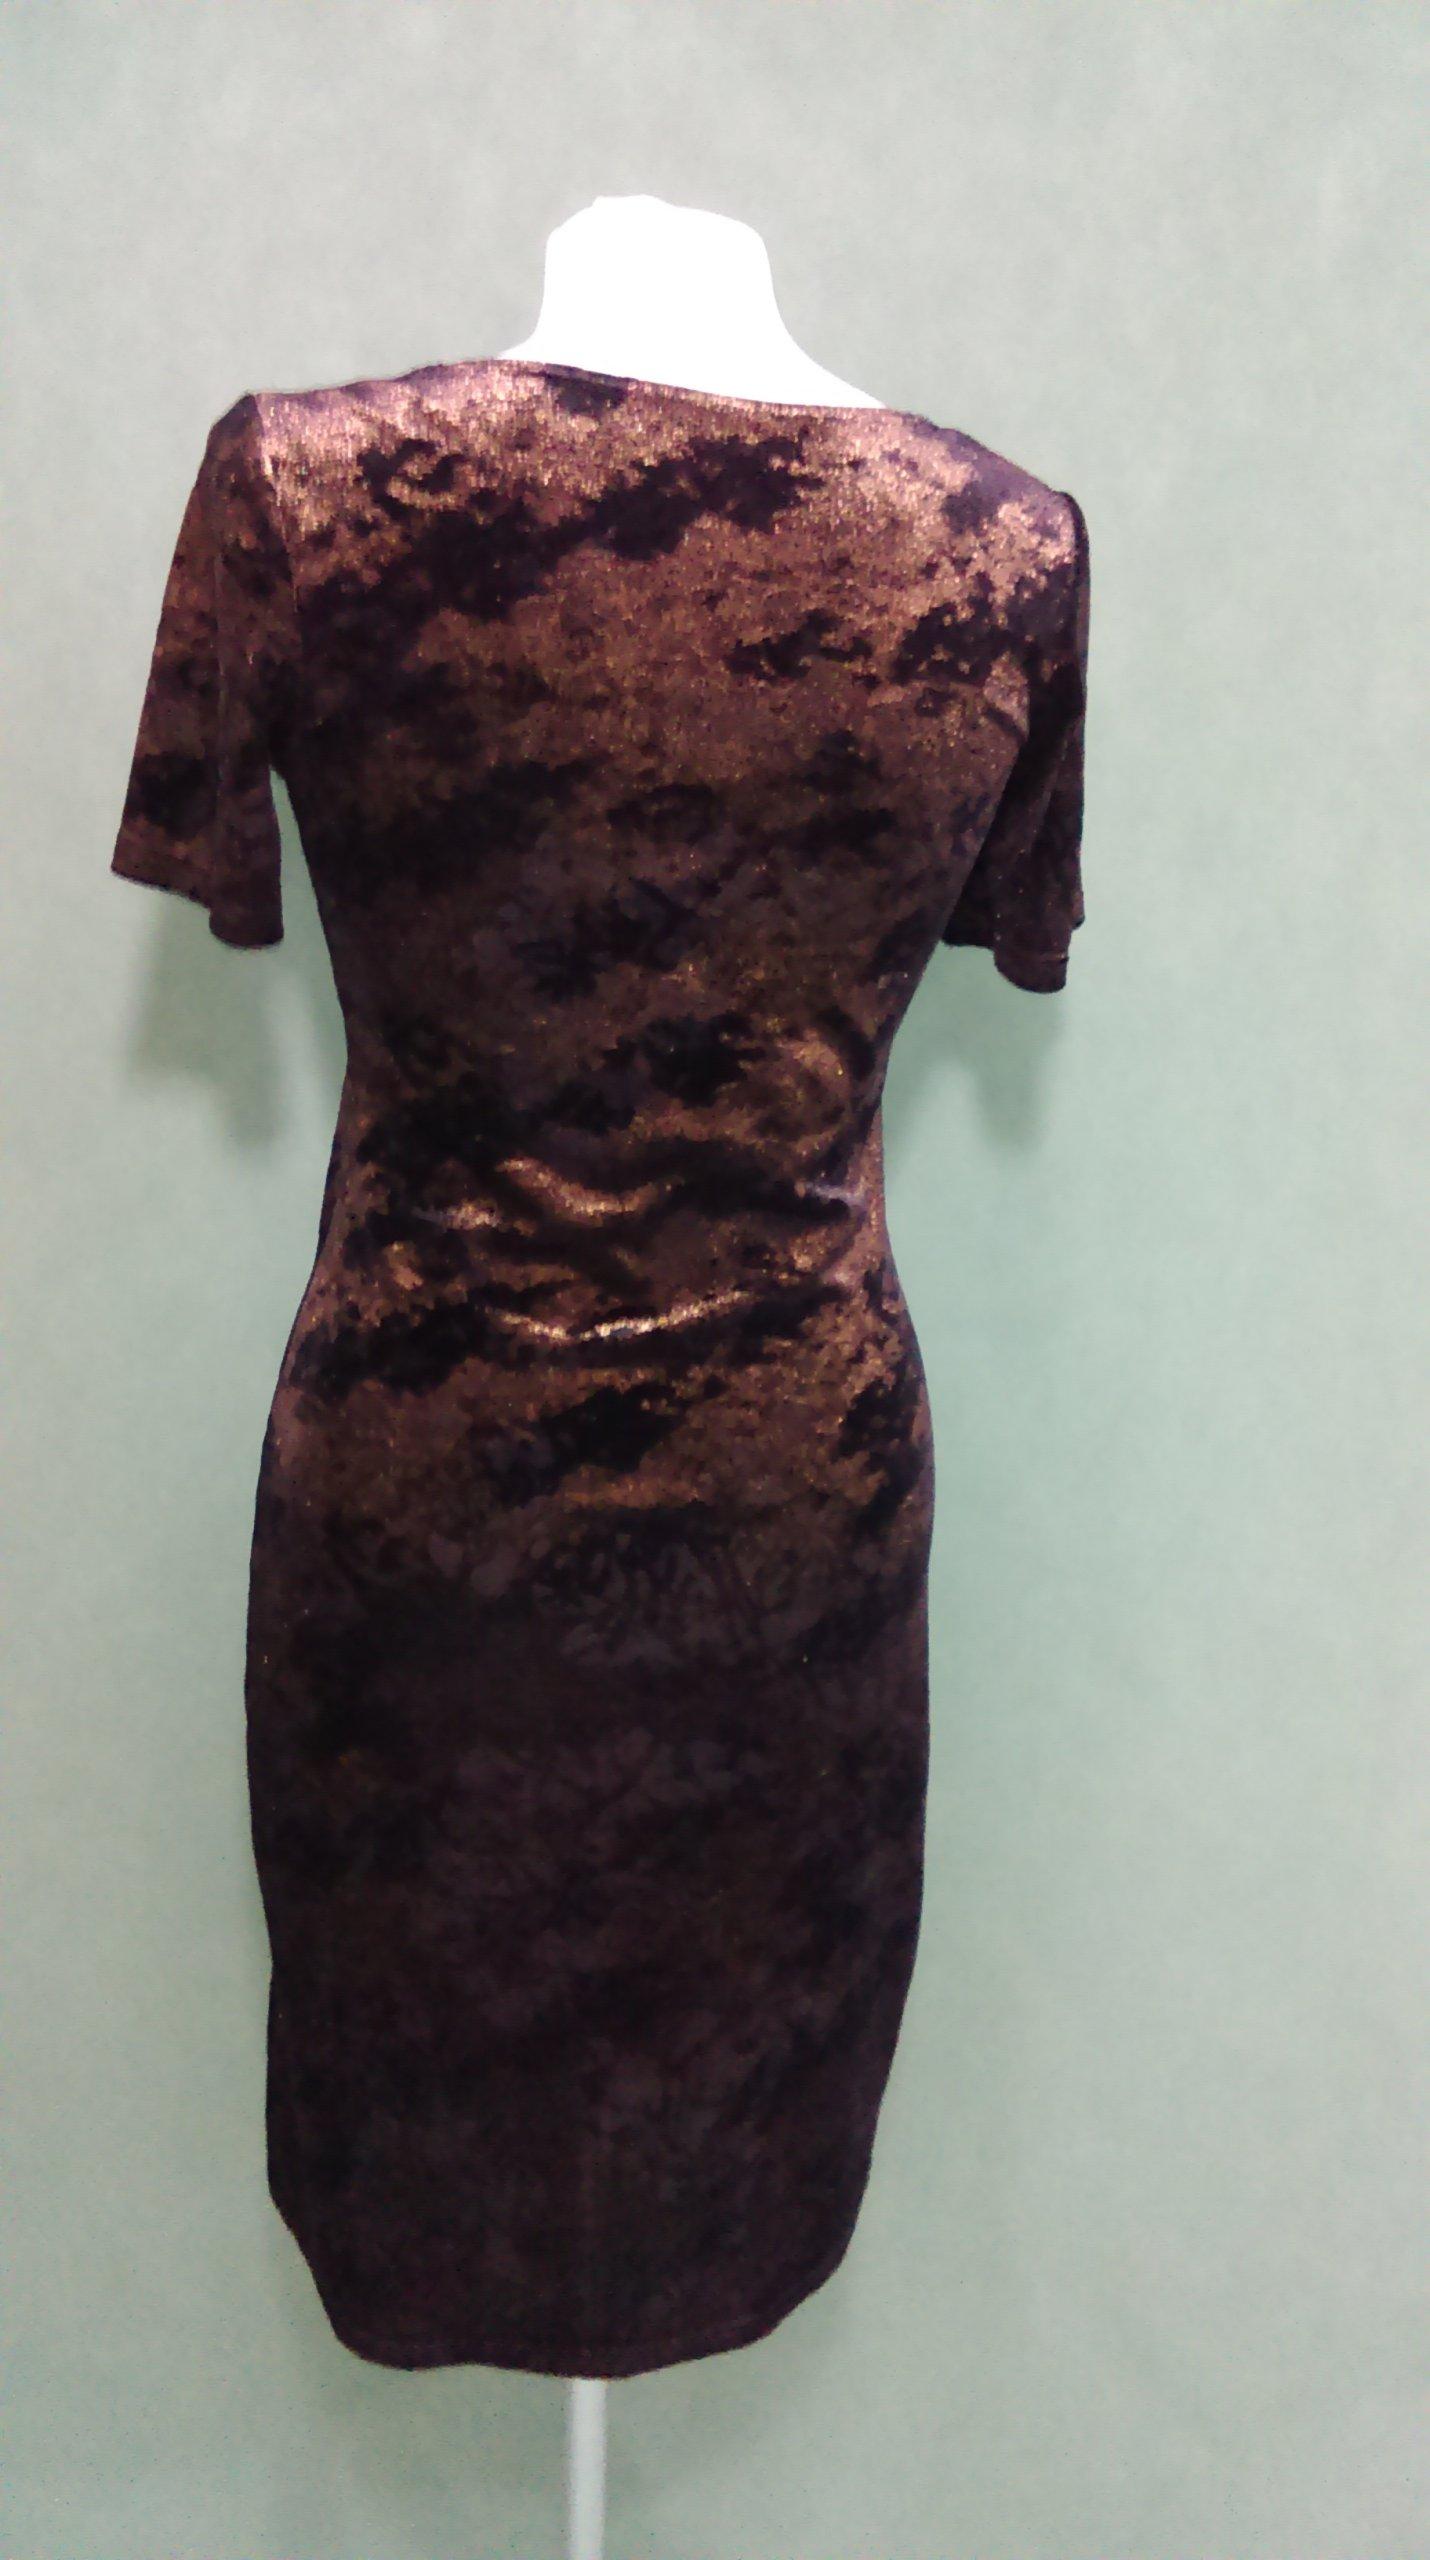 ce63a16e40 Sukienka czarna błyszcząca złotem XS a la plusz - 6932762788 ...